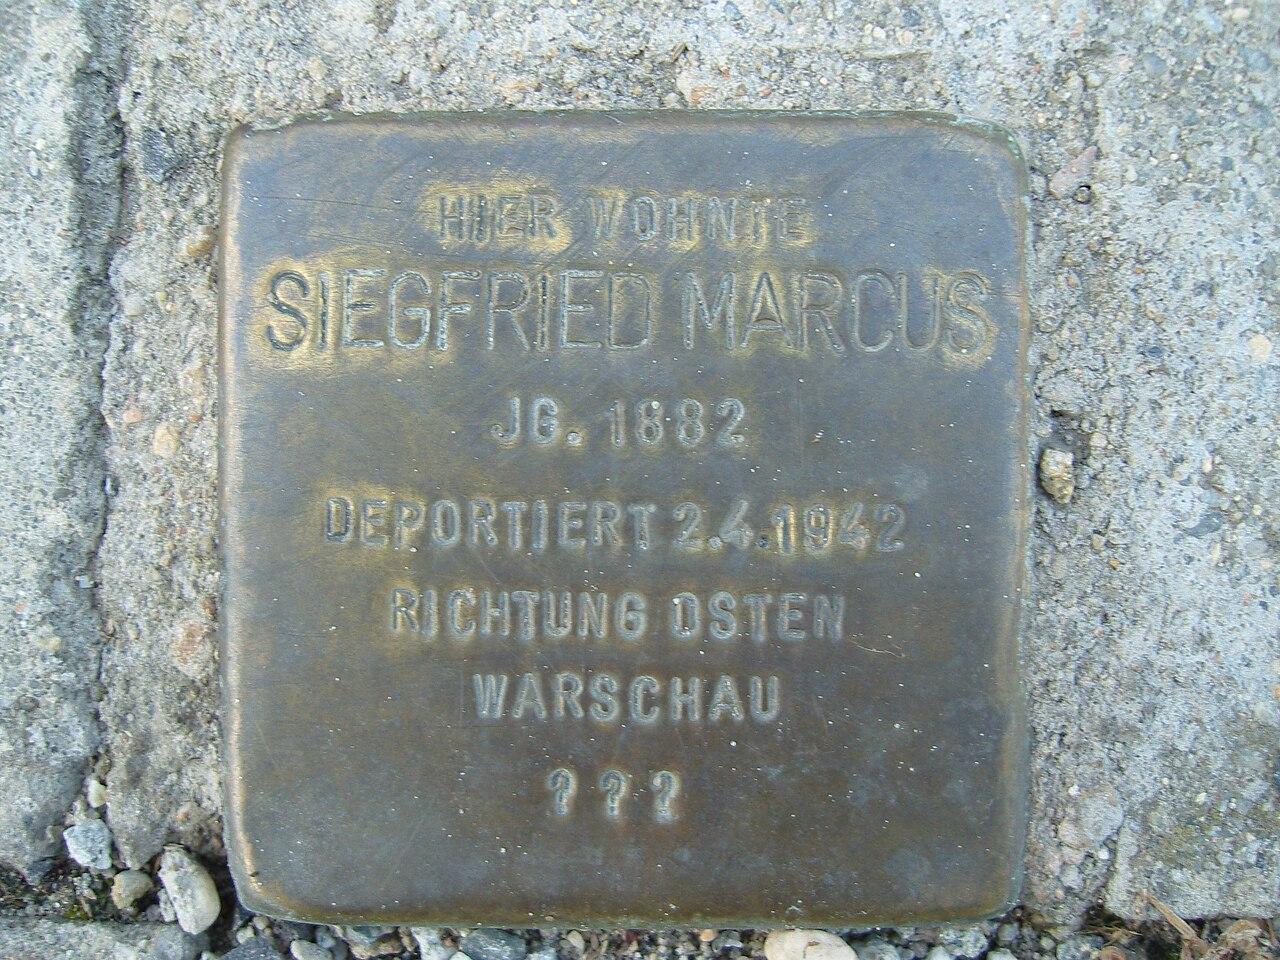 Stolperstein sfb marcus.JPG